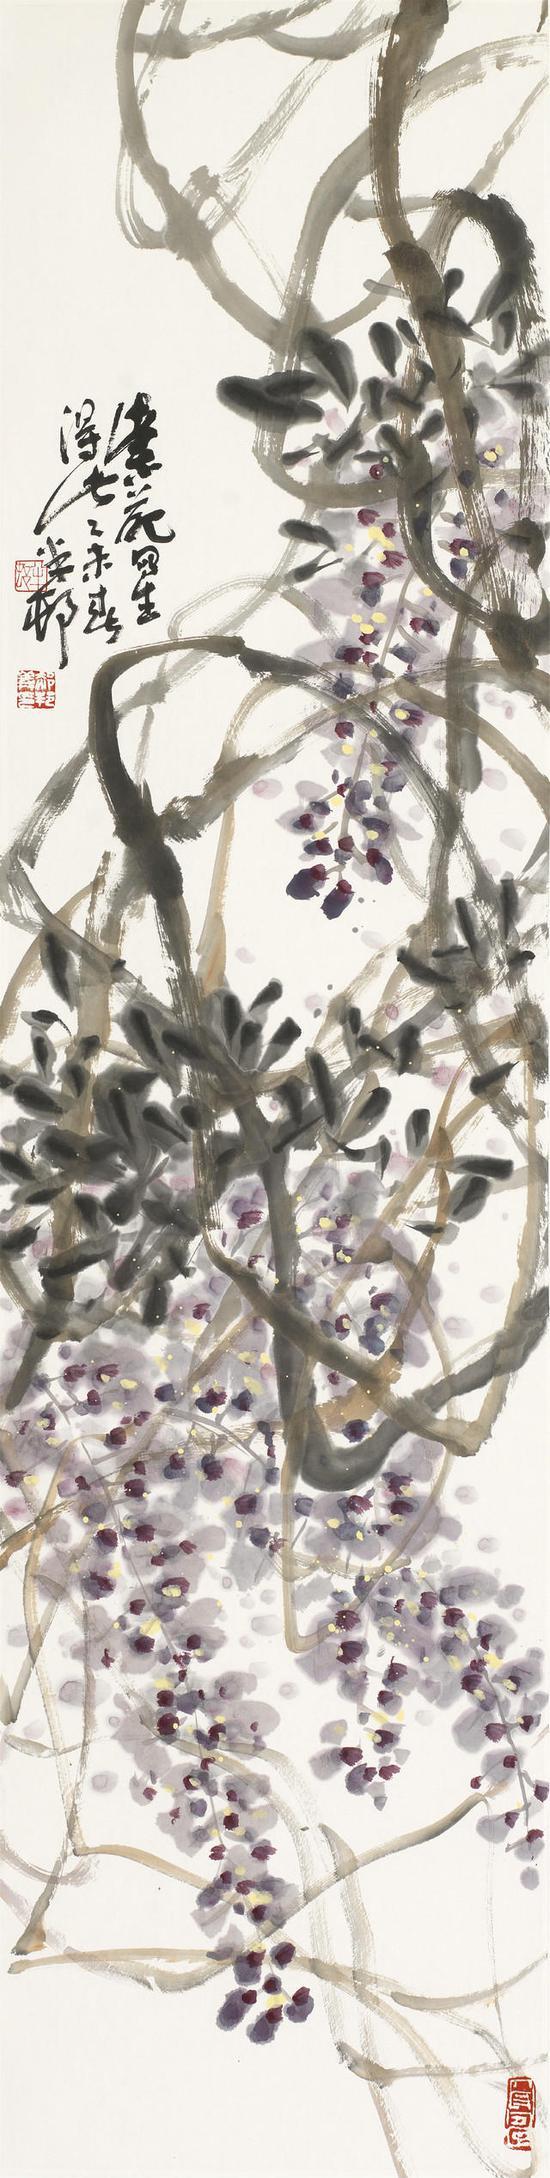 紫苑 136x34cm